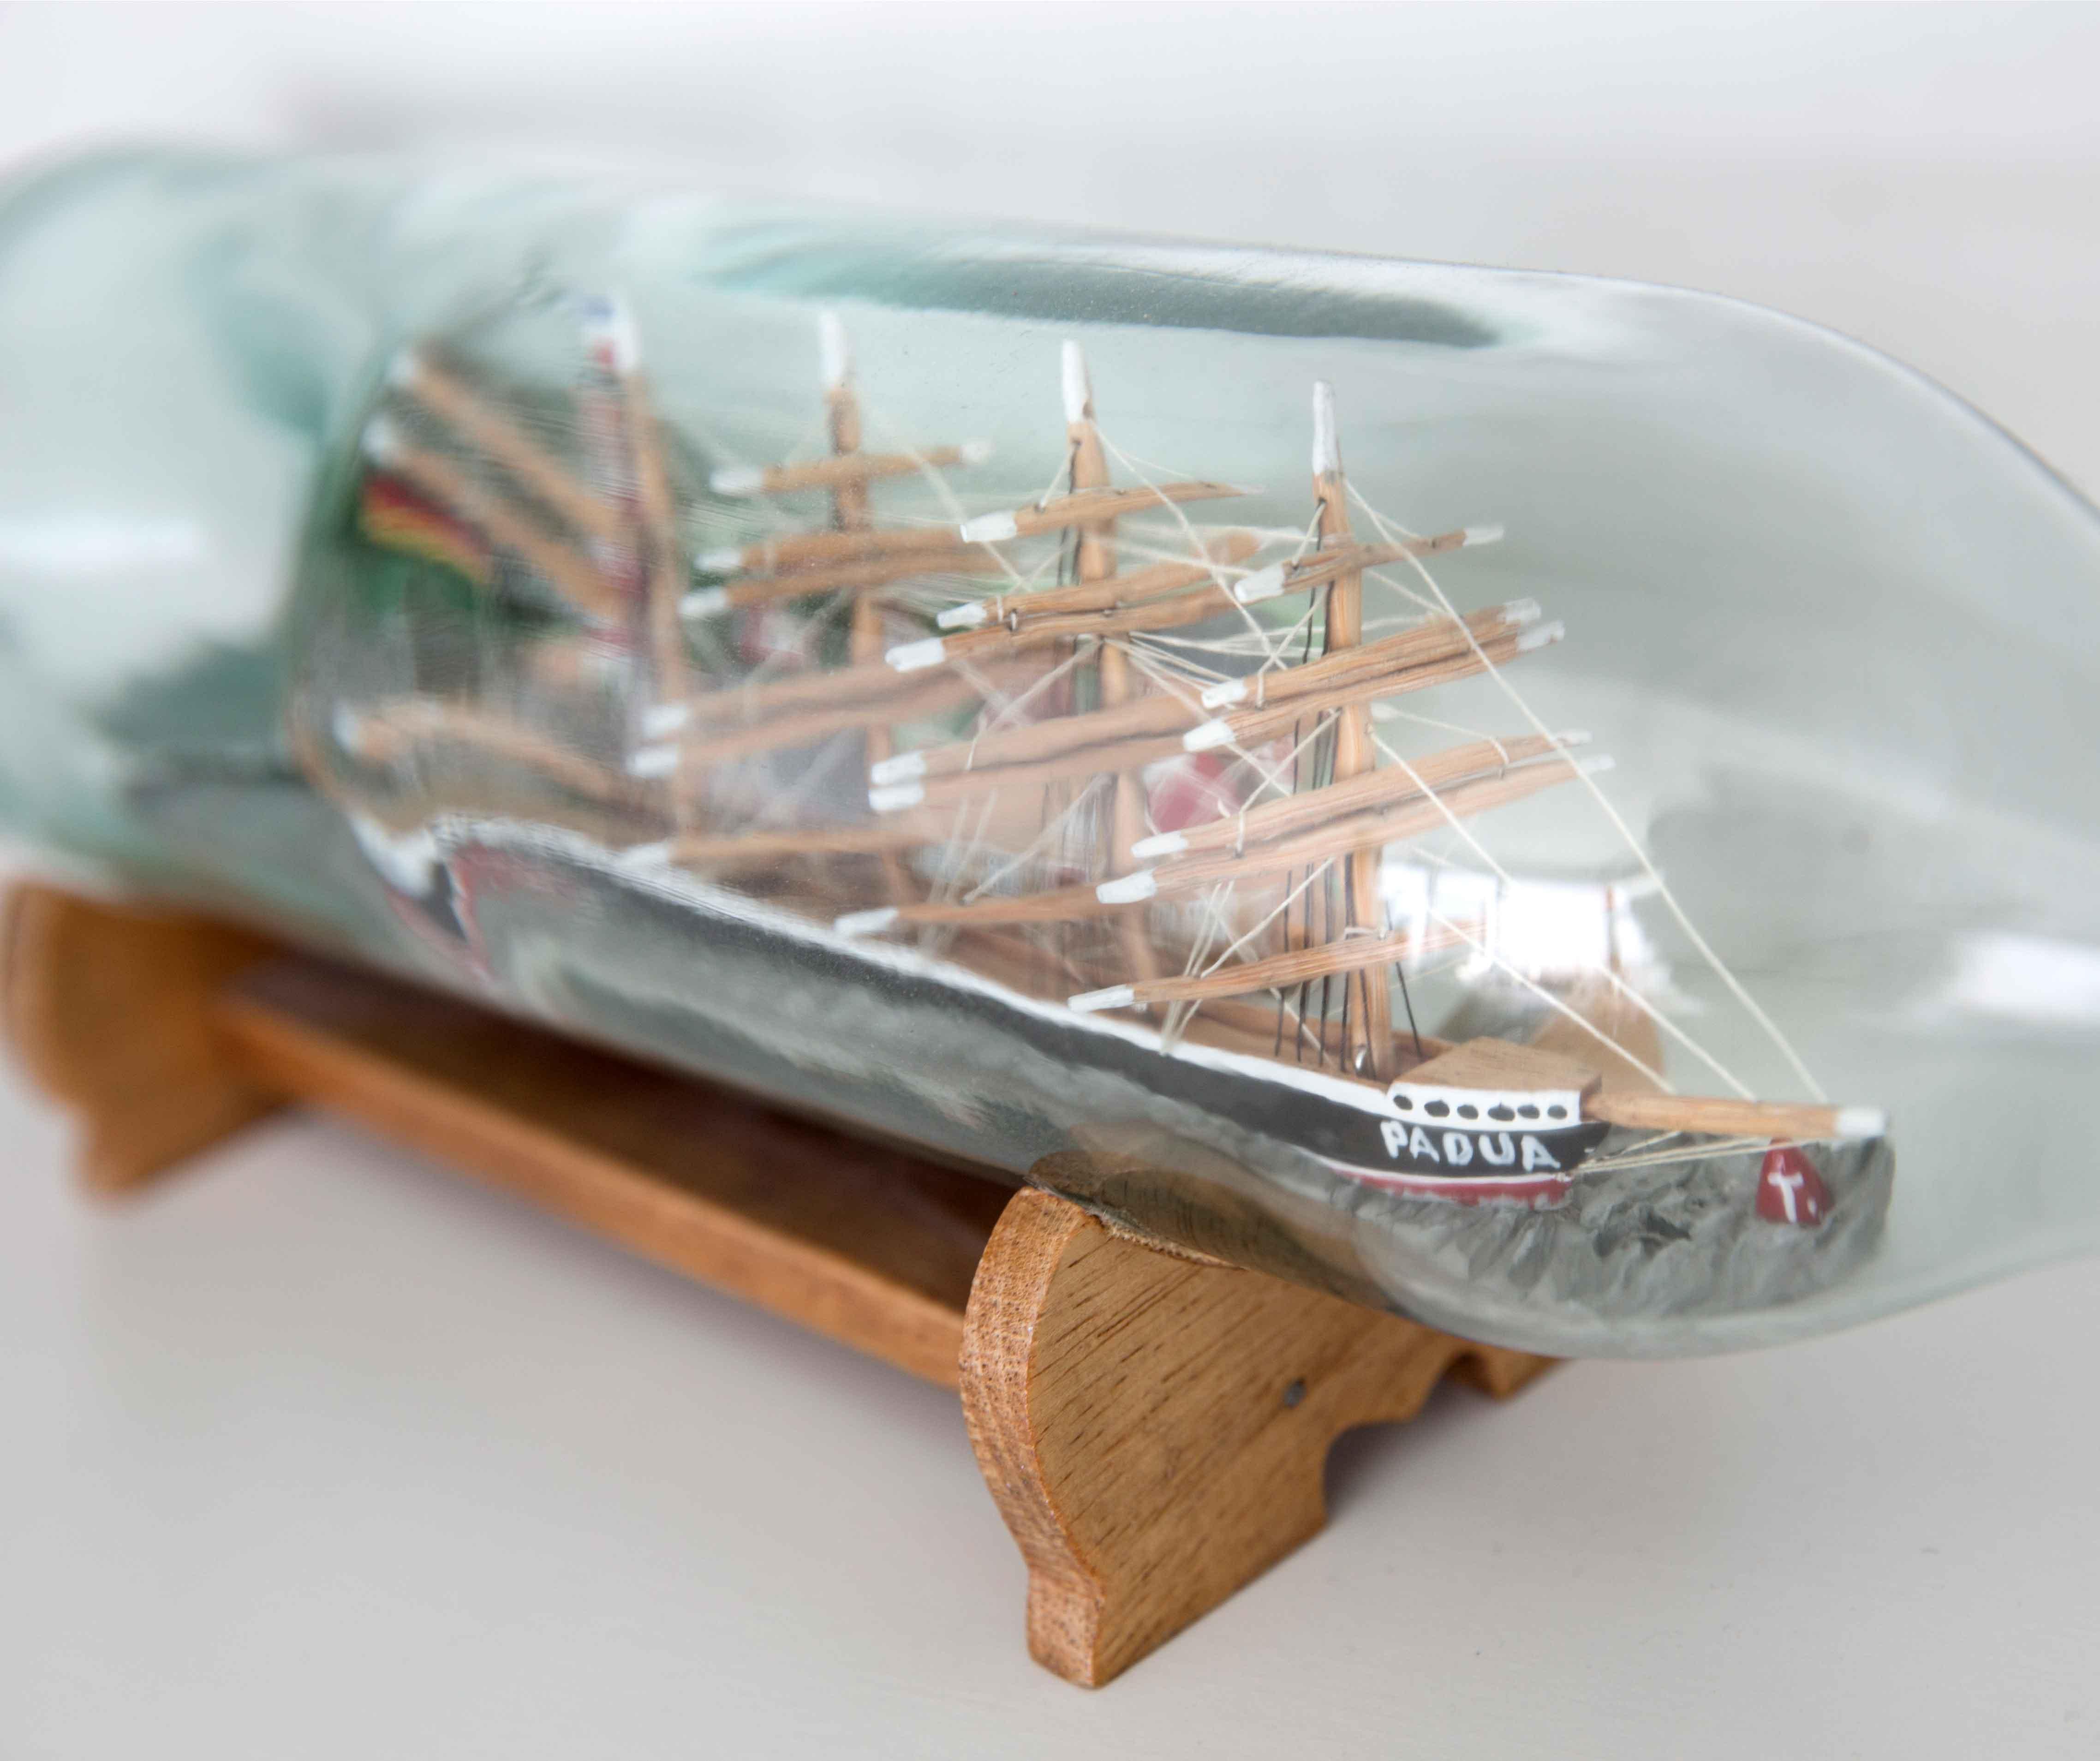 Reck & Co. Buddelschiff Padua